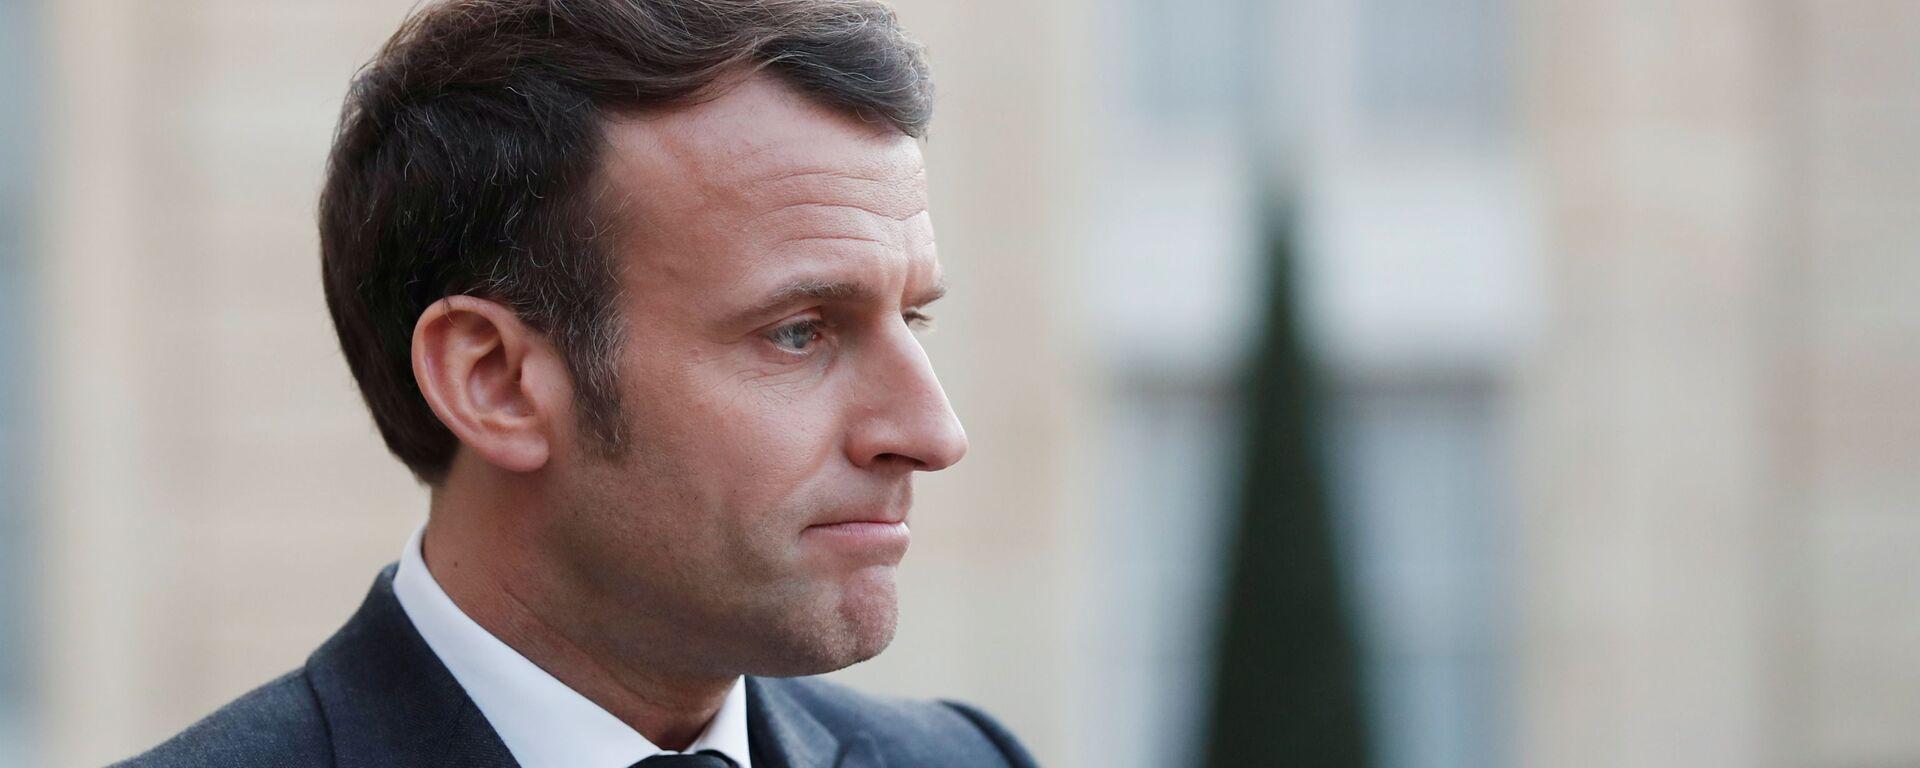 Prezydent Francji Emmanuel Macron - Sputnik Polska, 1920, 26.03.2021